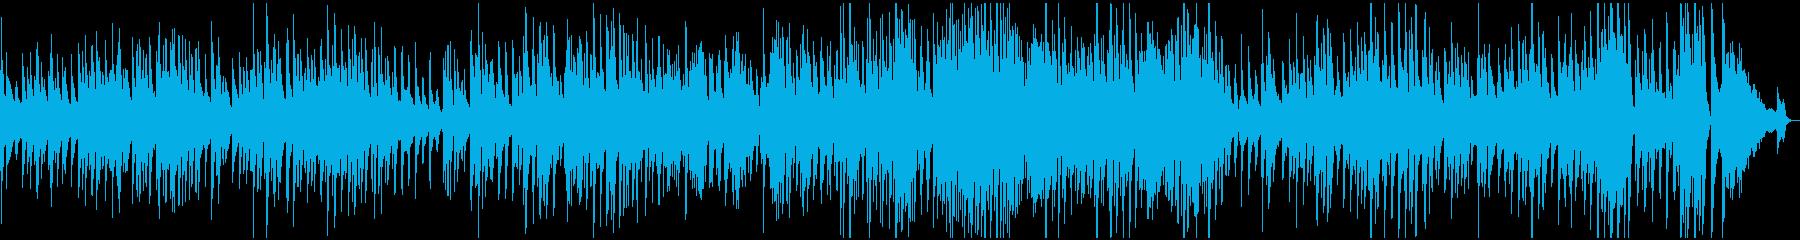 ゆったりとしたソロピアノブルース。...の再生済みの波形